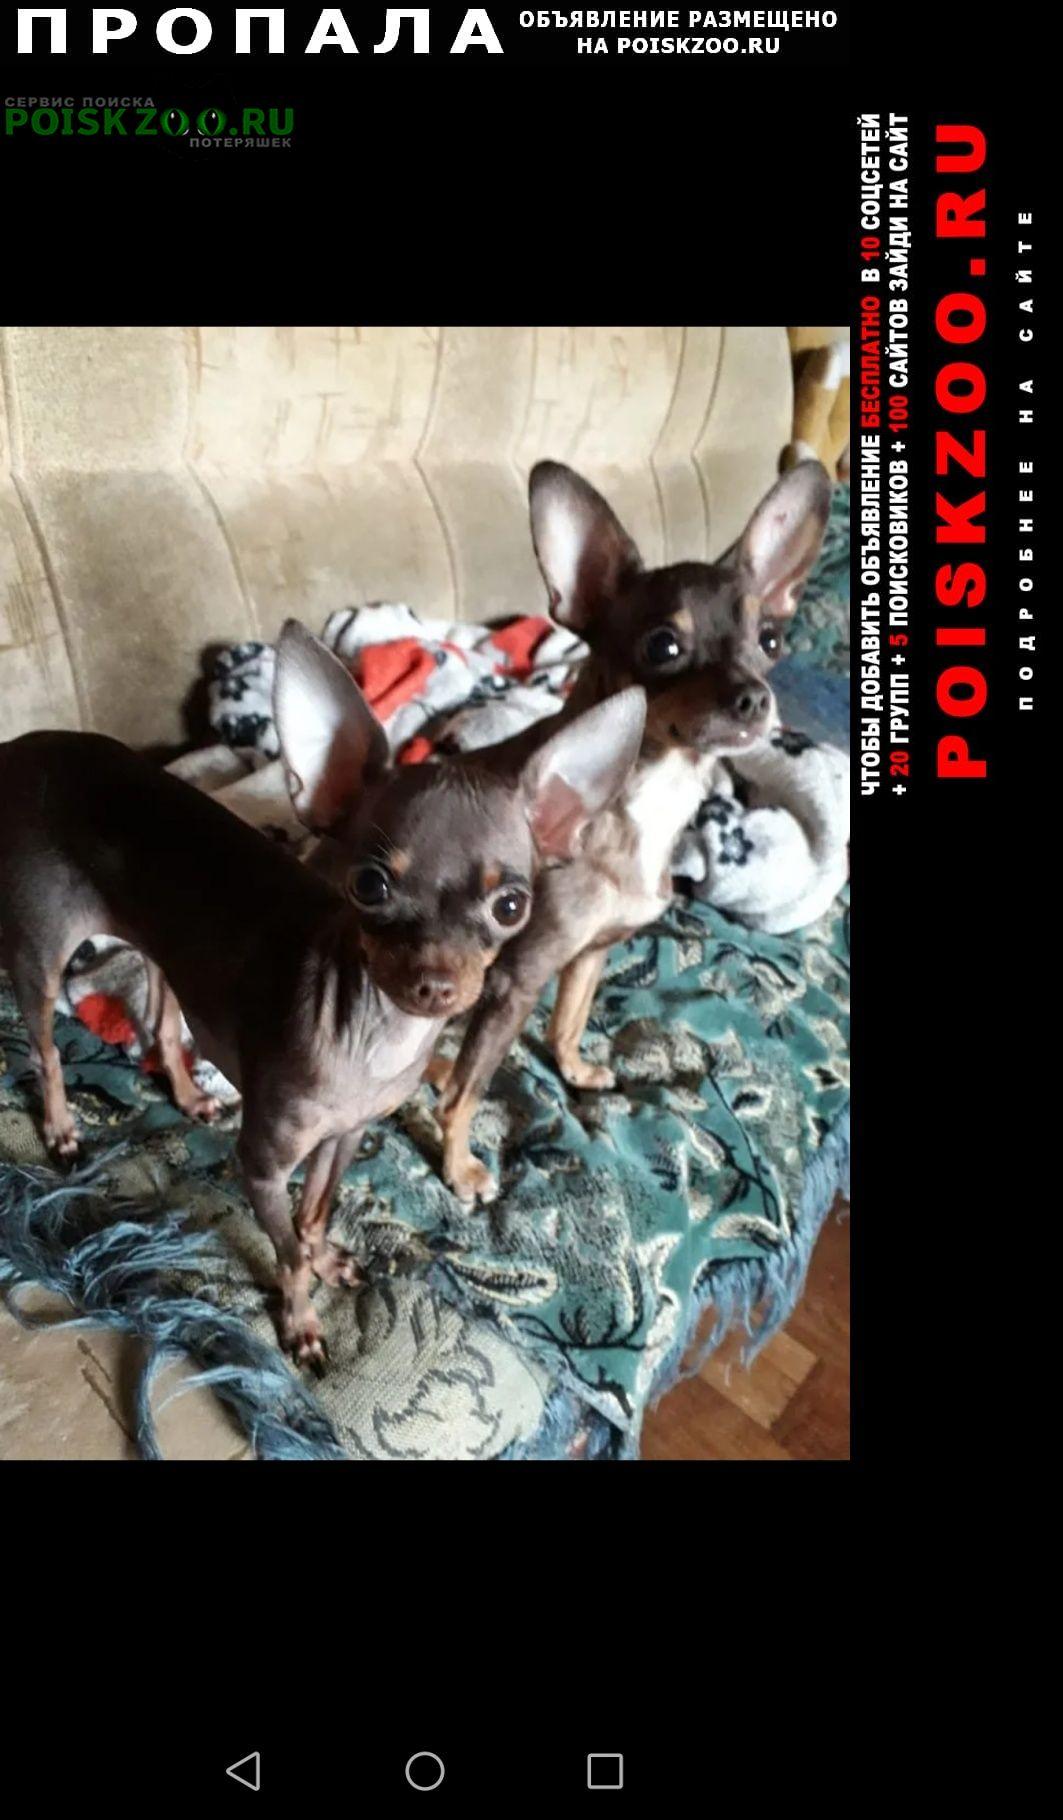 Пропала собака той терьер мама и дочка Астрахань